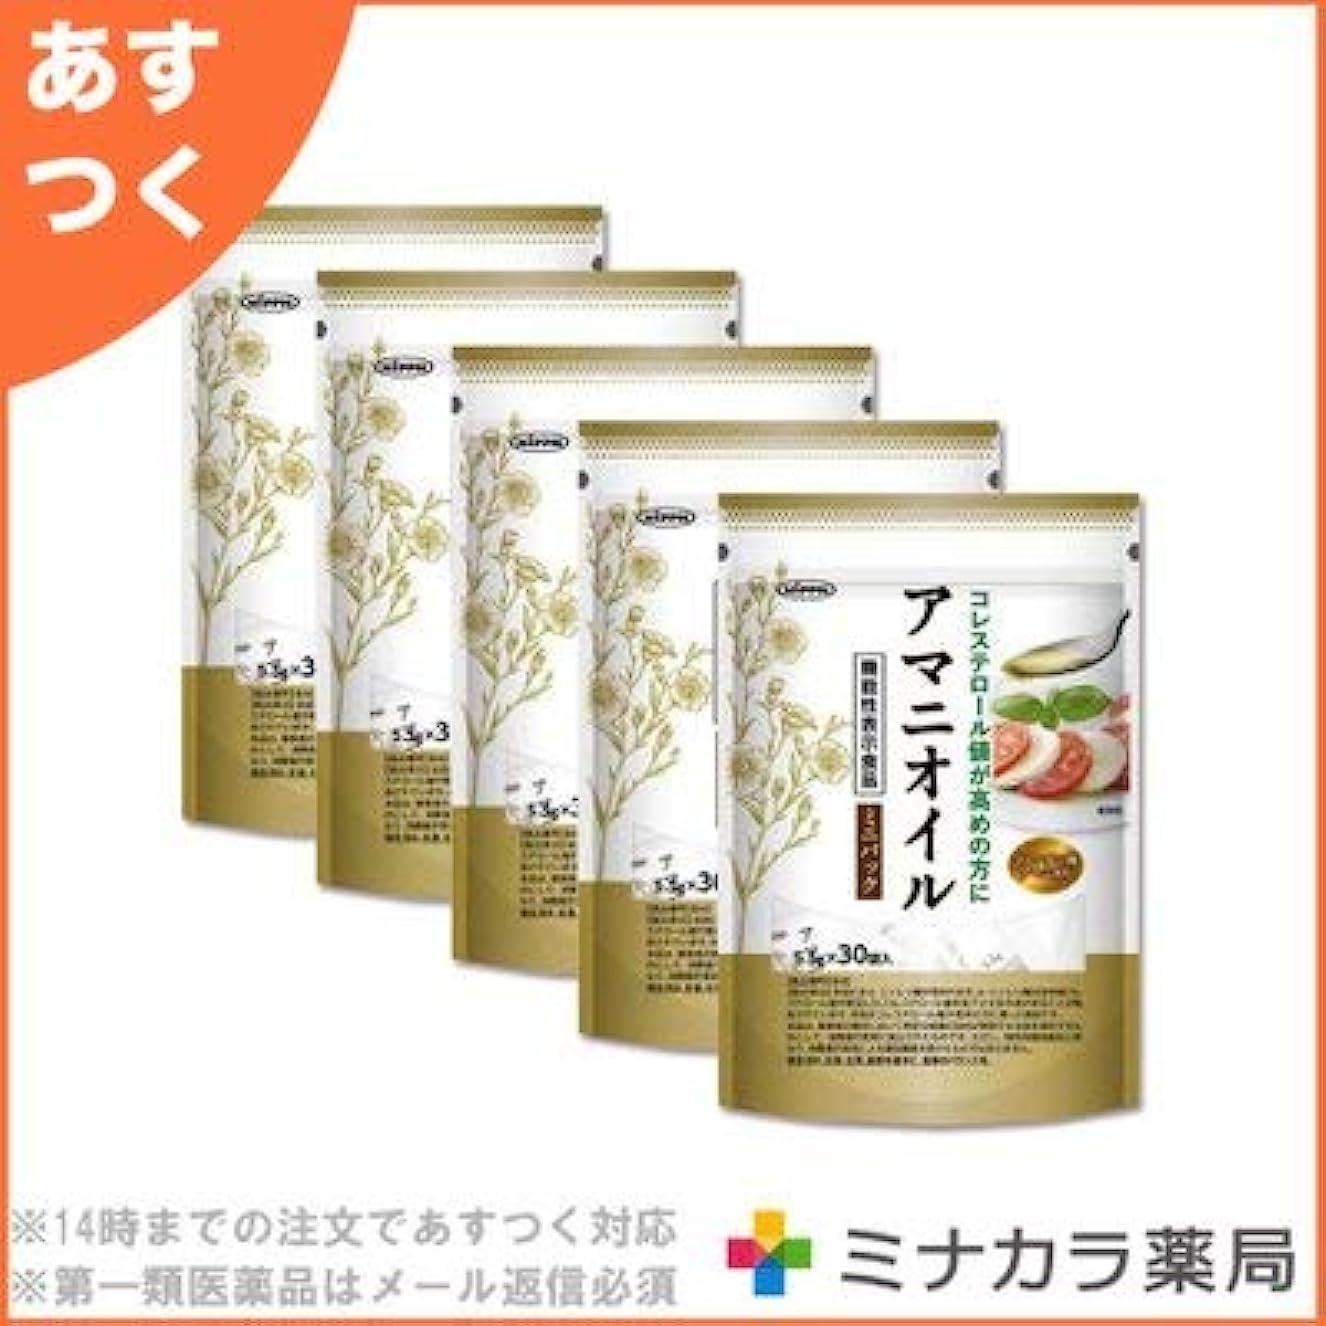 排他的イヤホン祝福する日本製粉 アマニオイル ミニパック 5.5g×30 (機能性表示食品)×5個セット